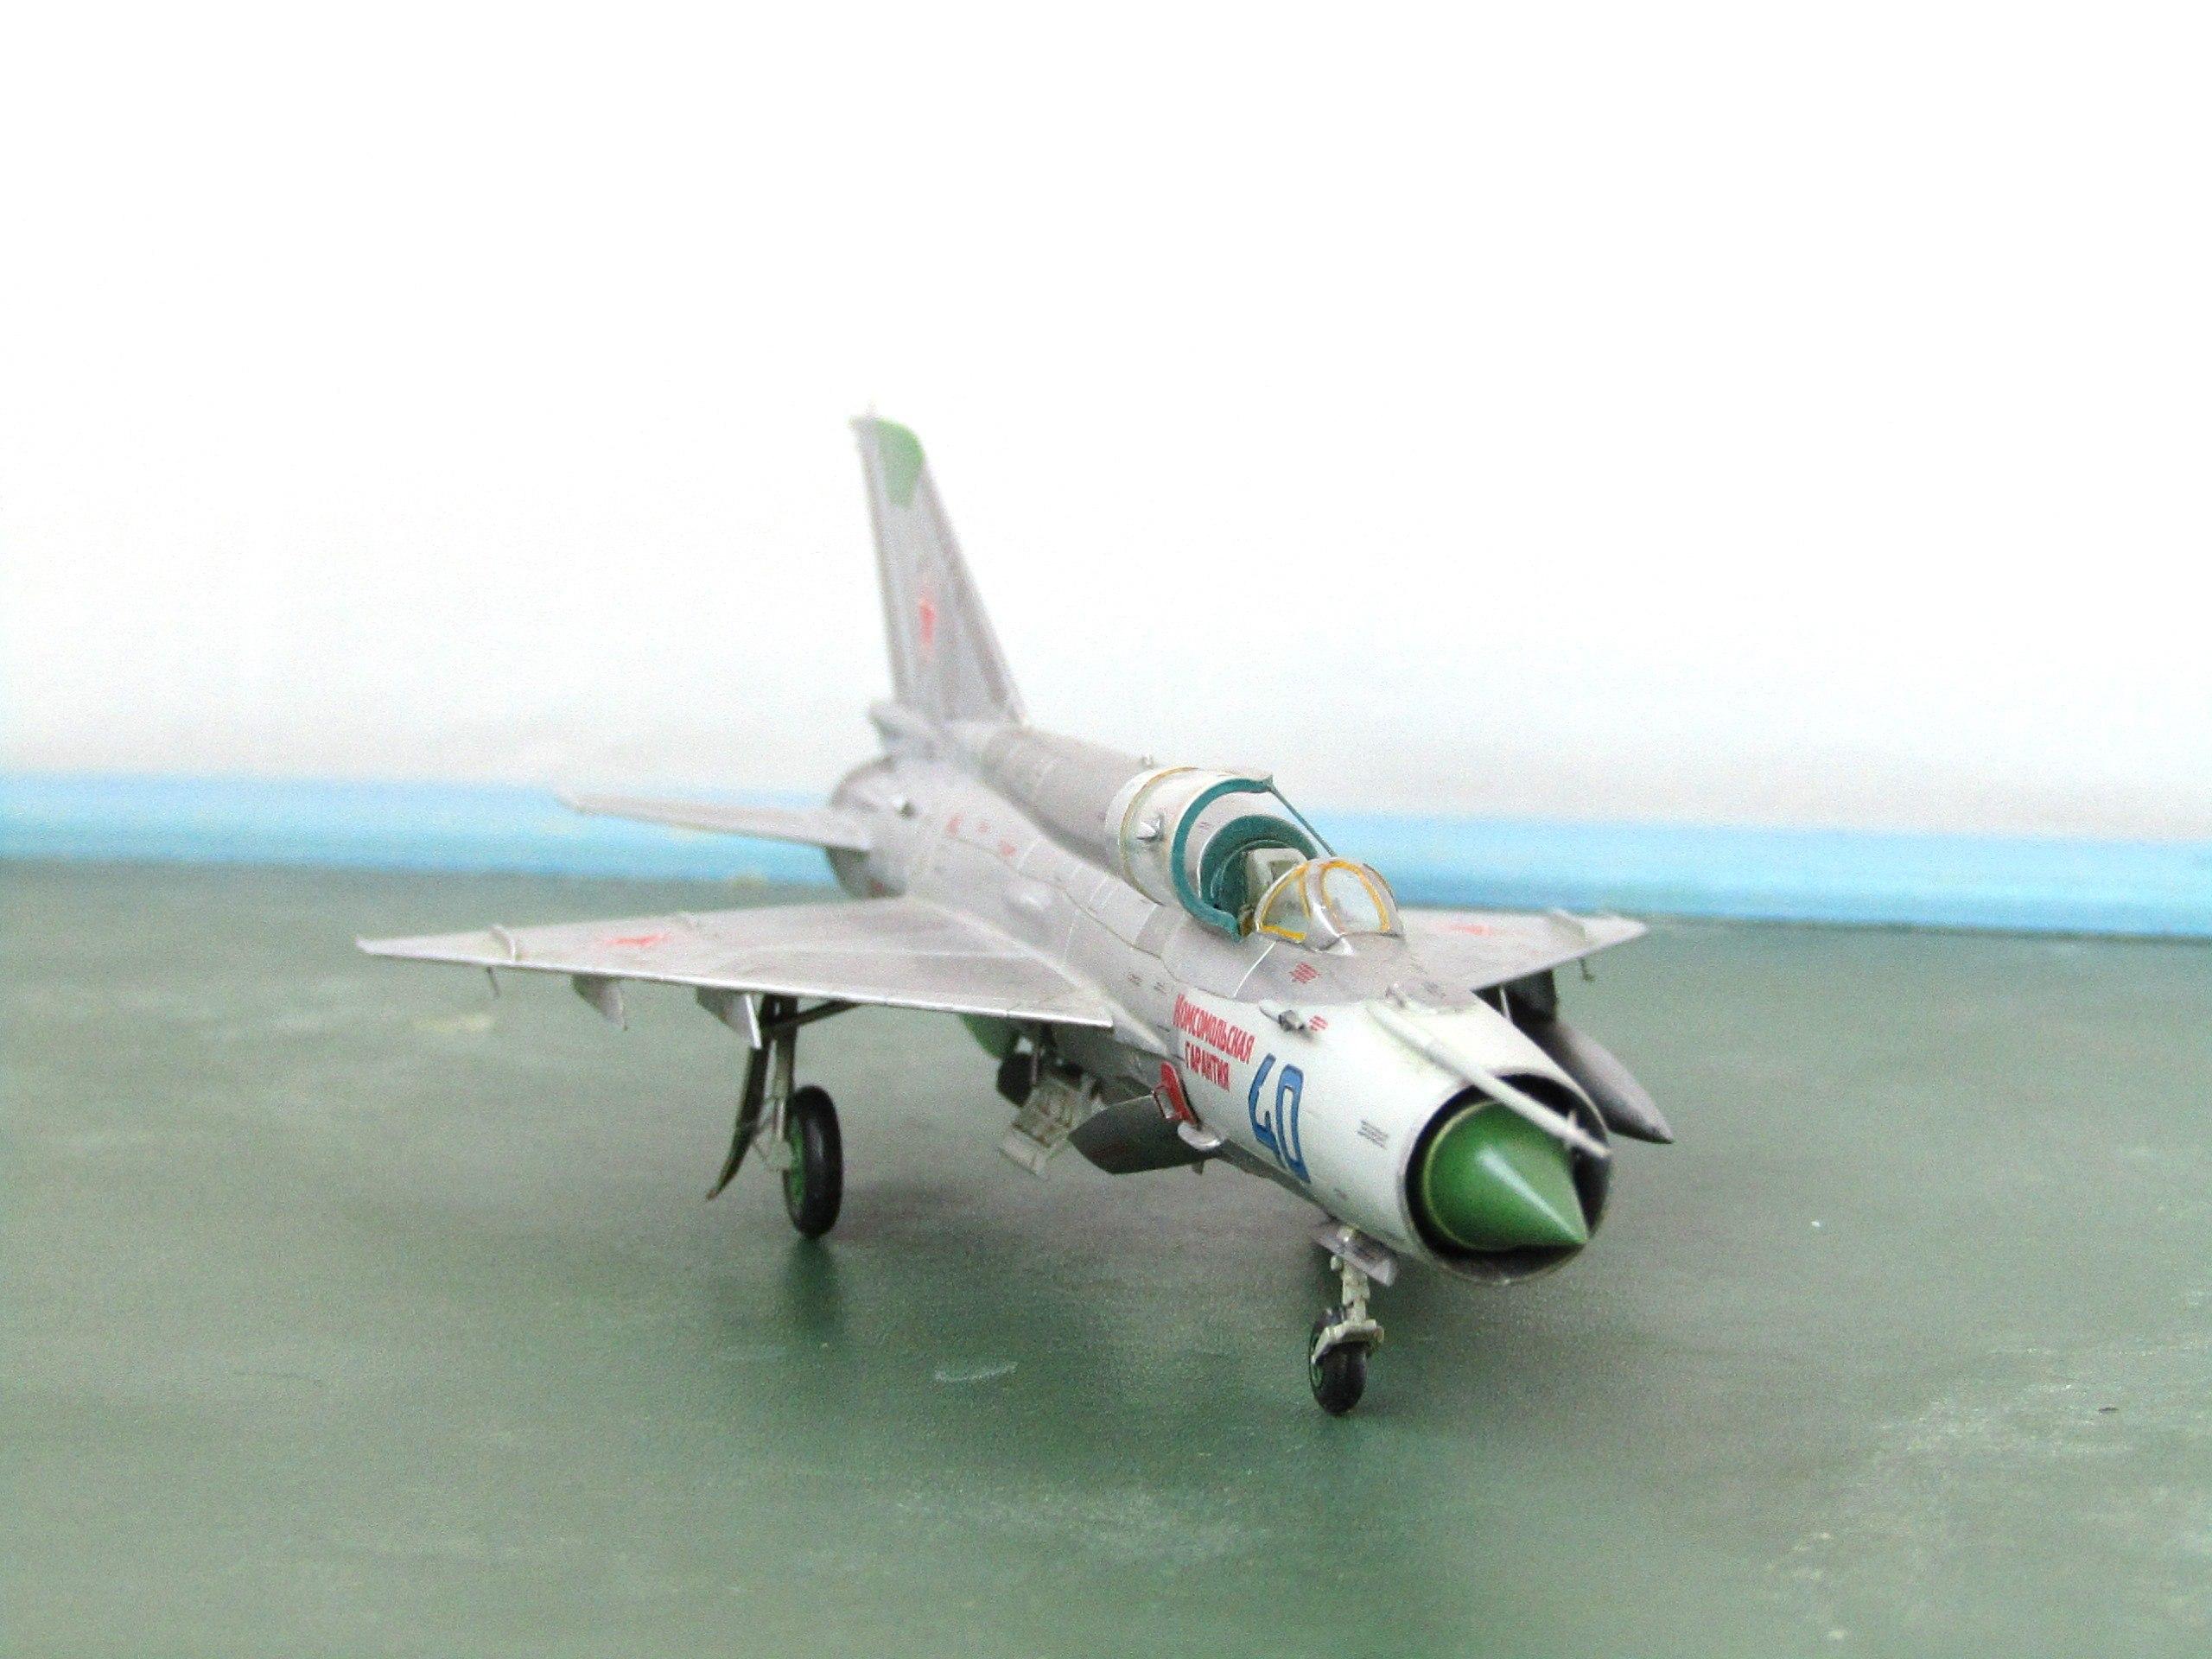 МиГ-21БИС 1/72 (Звезда) XDPUccsr1hg